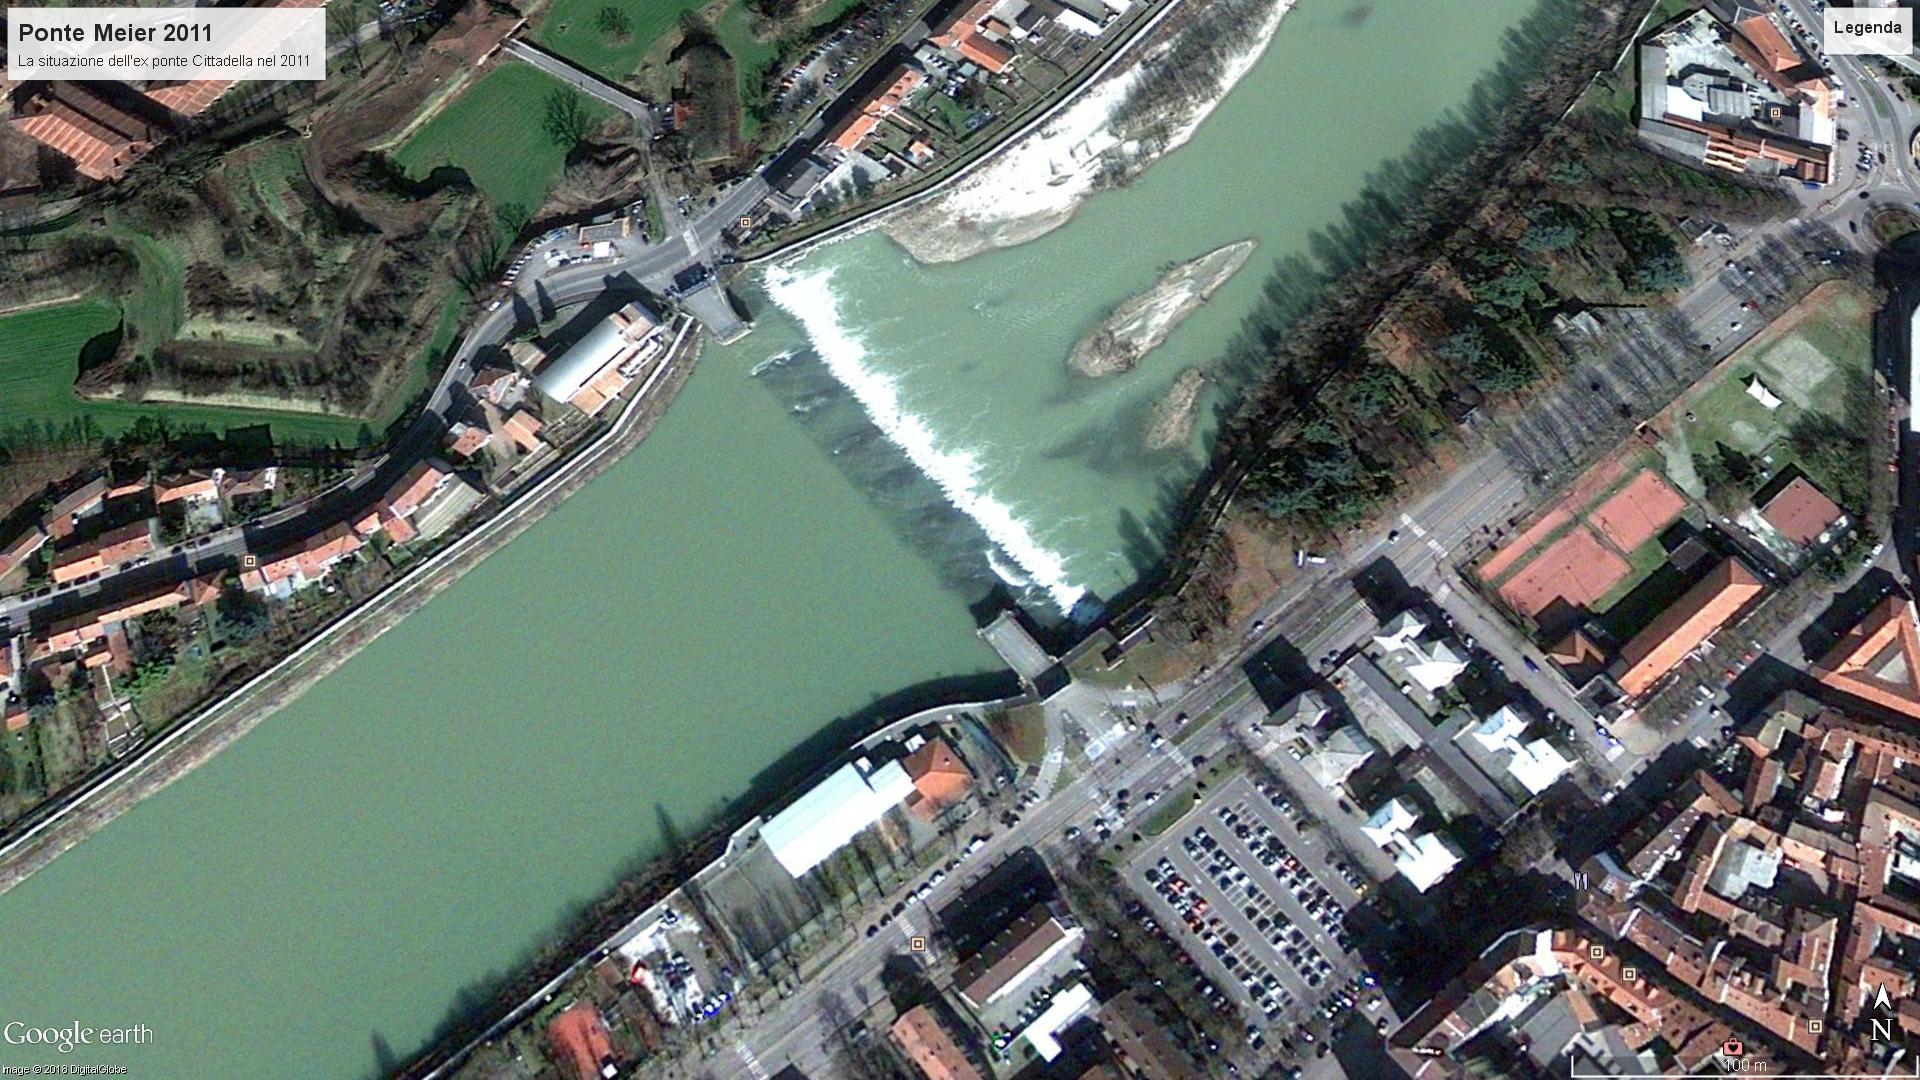 Ponte Meier 2011